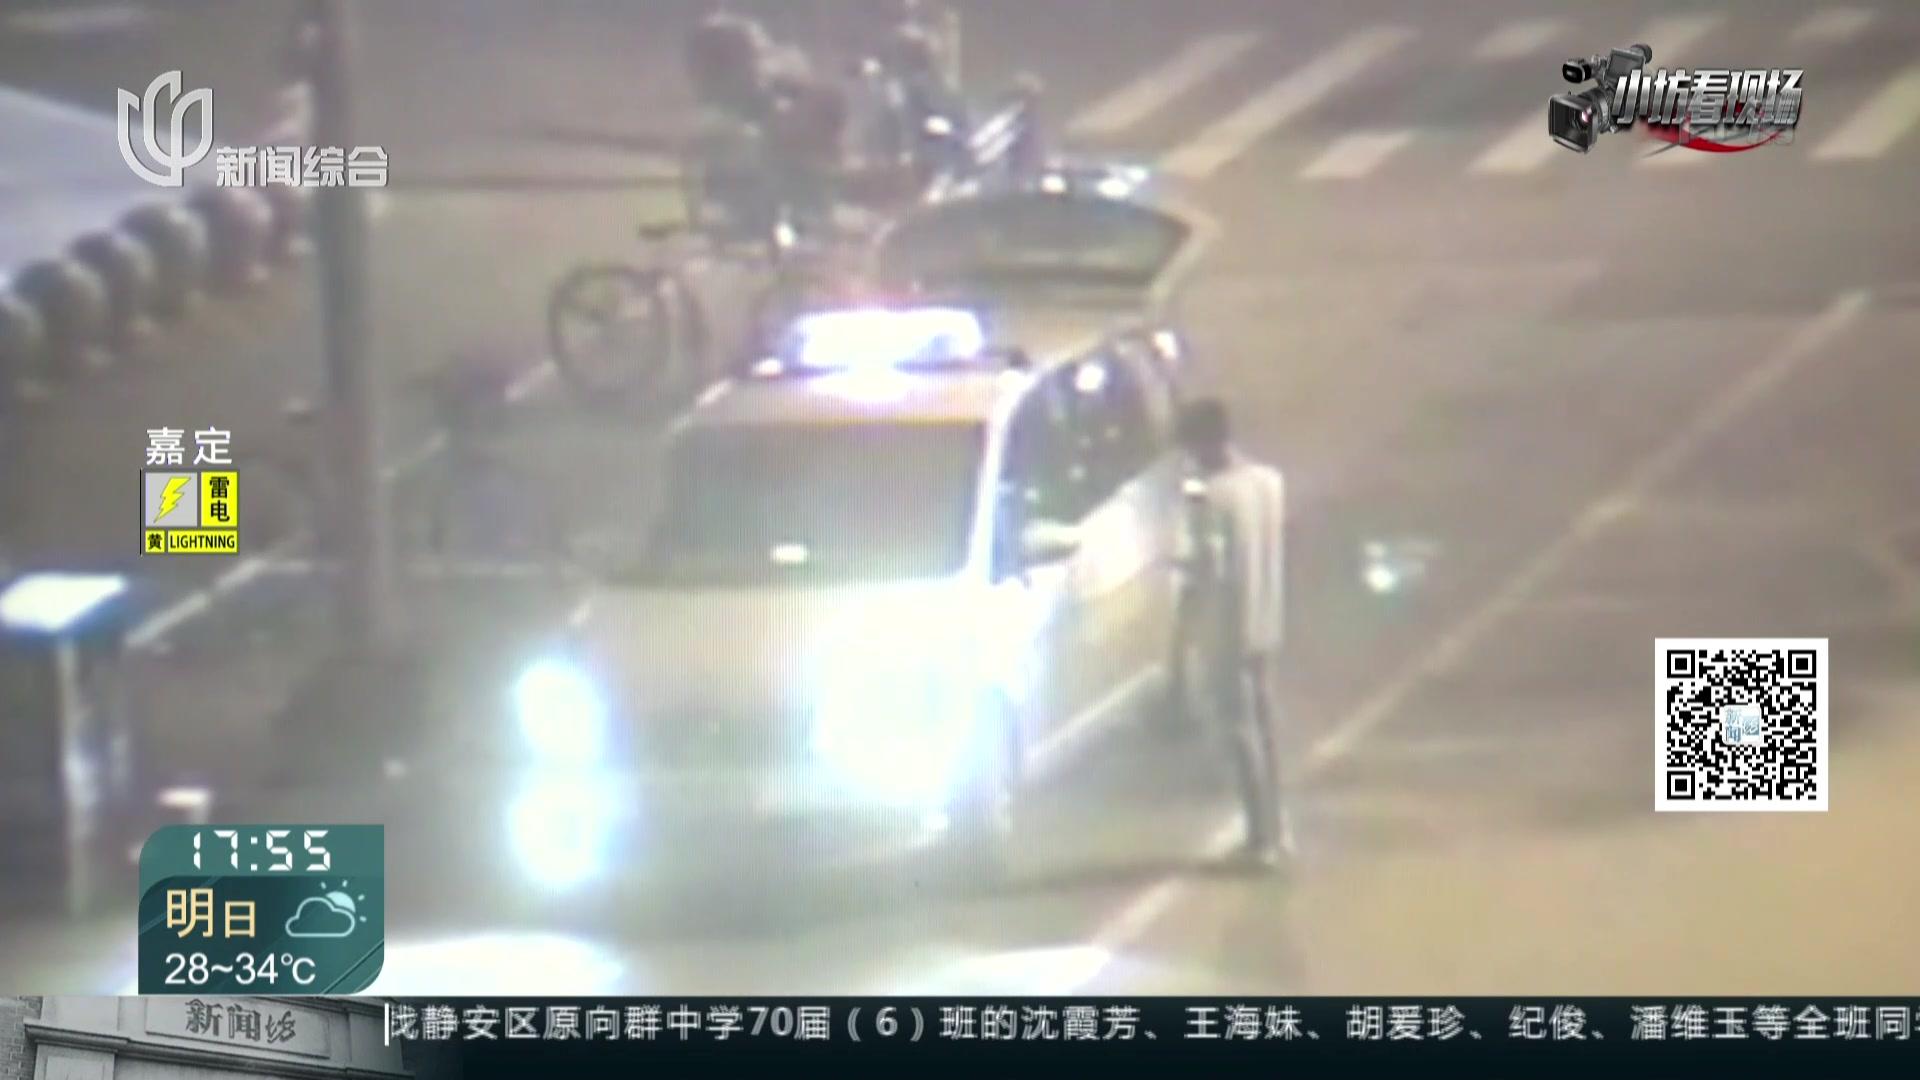 打车车费引发争议  司机盗走乘客背包